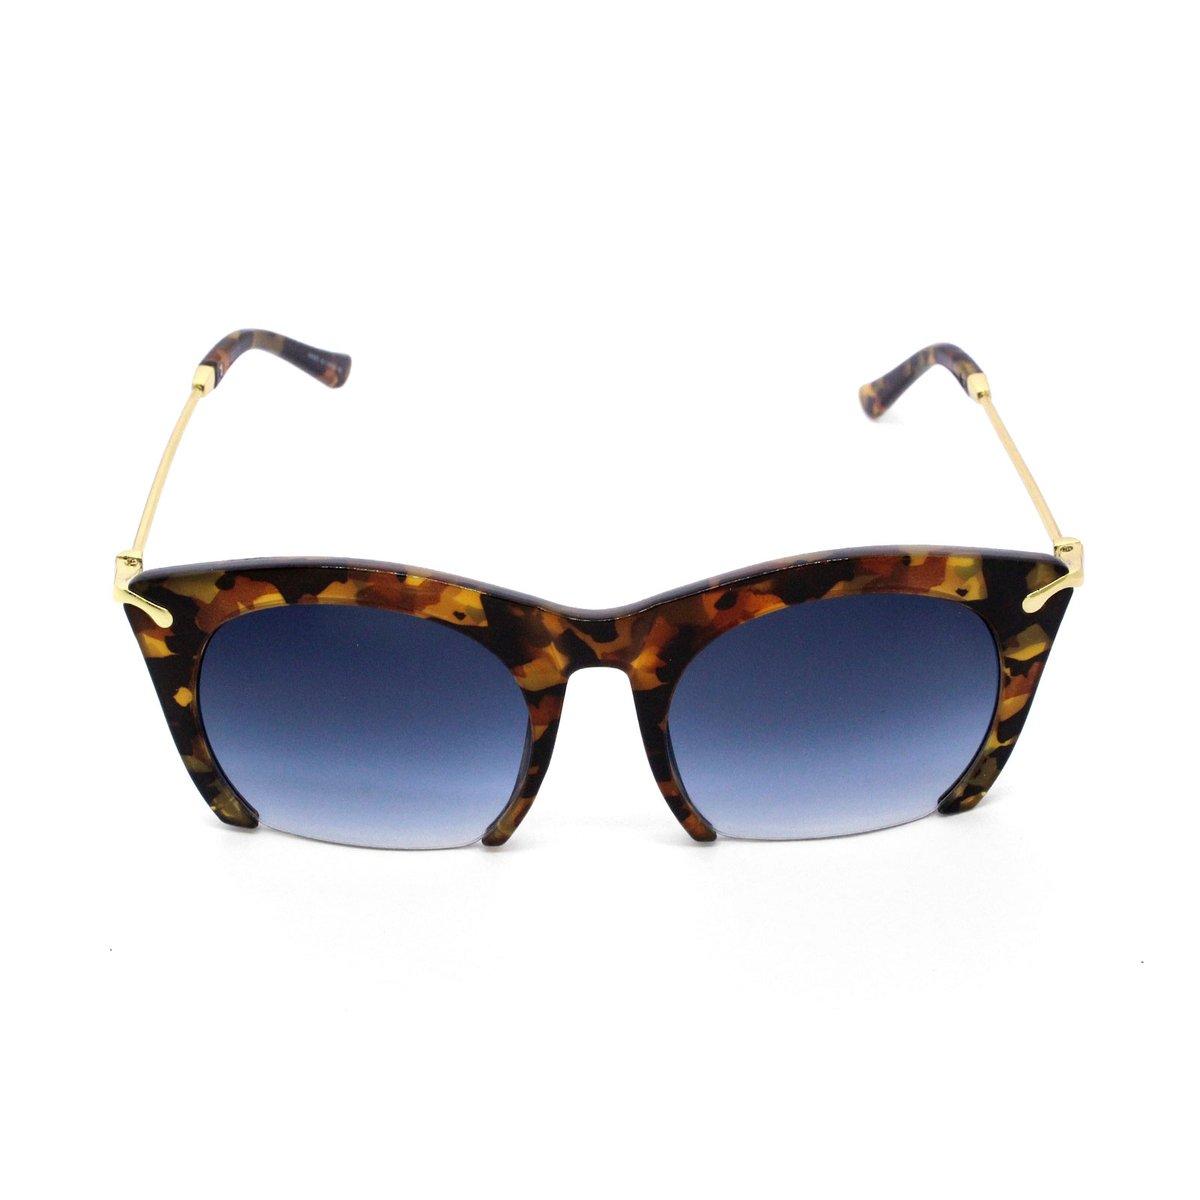 b4e0bb887e9b7 Óculos Solar KT32175TARLCNZ - Compre Agora